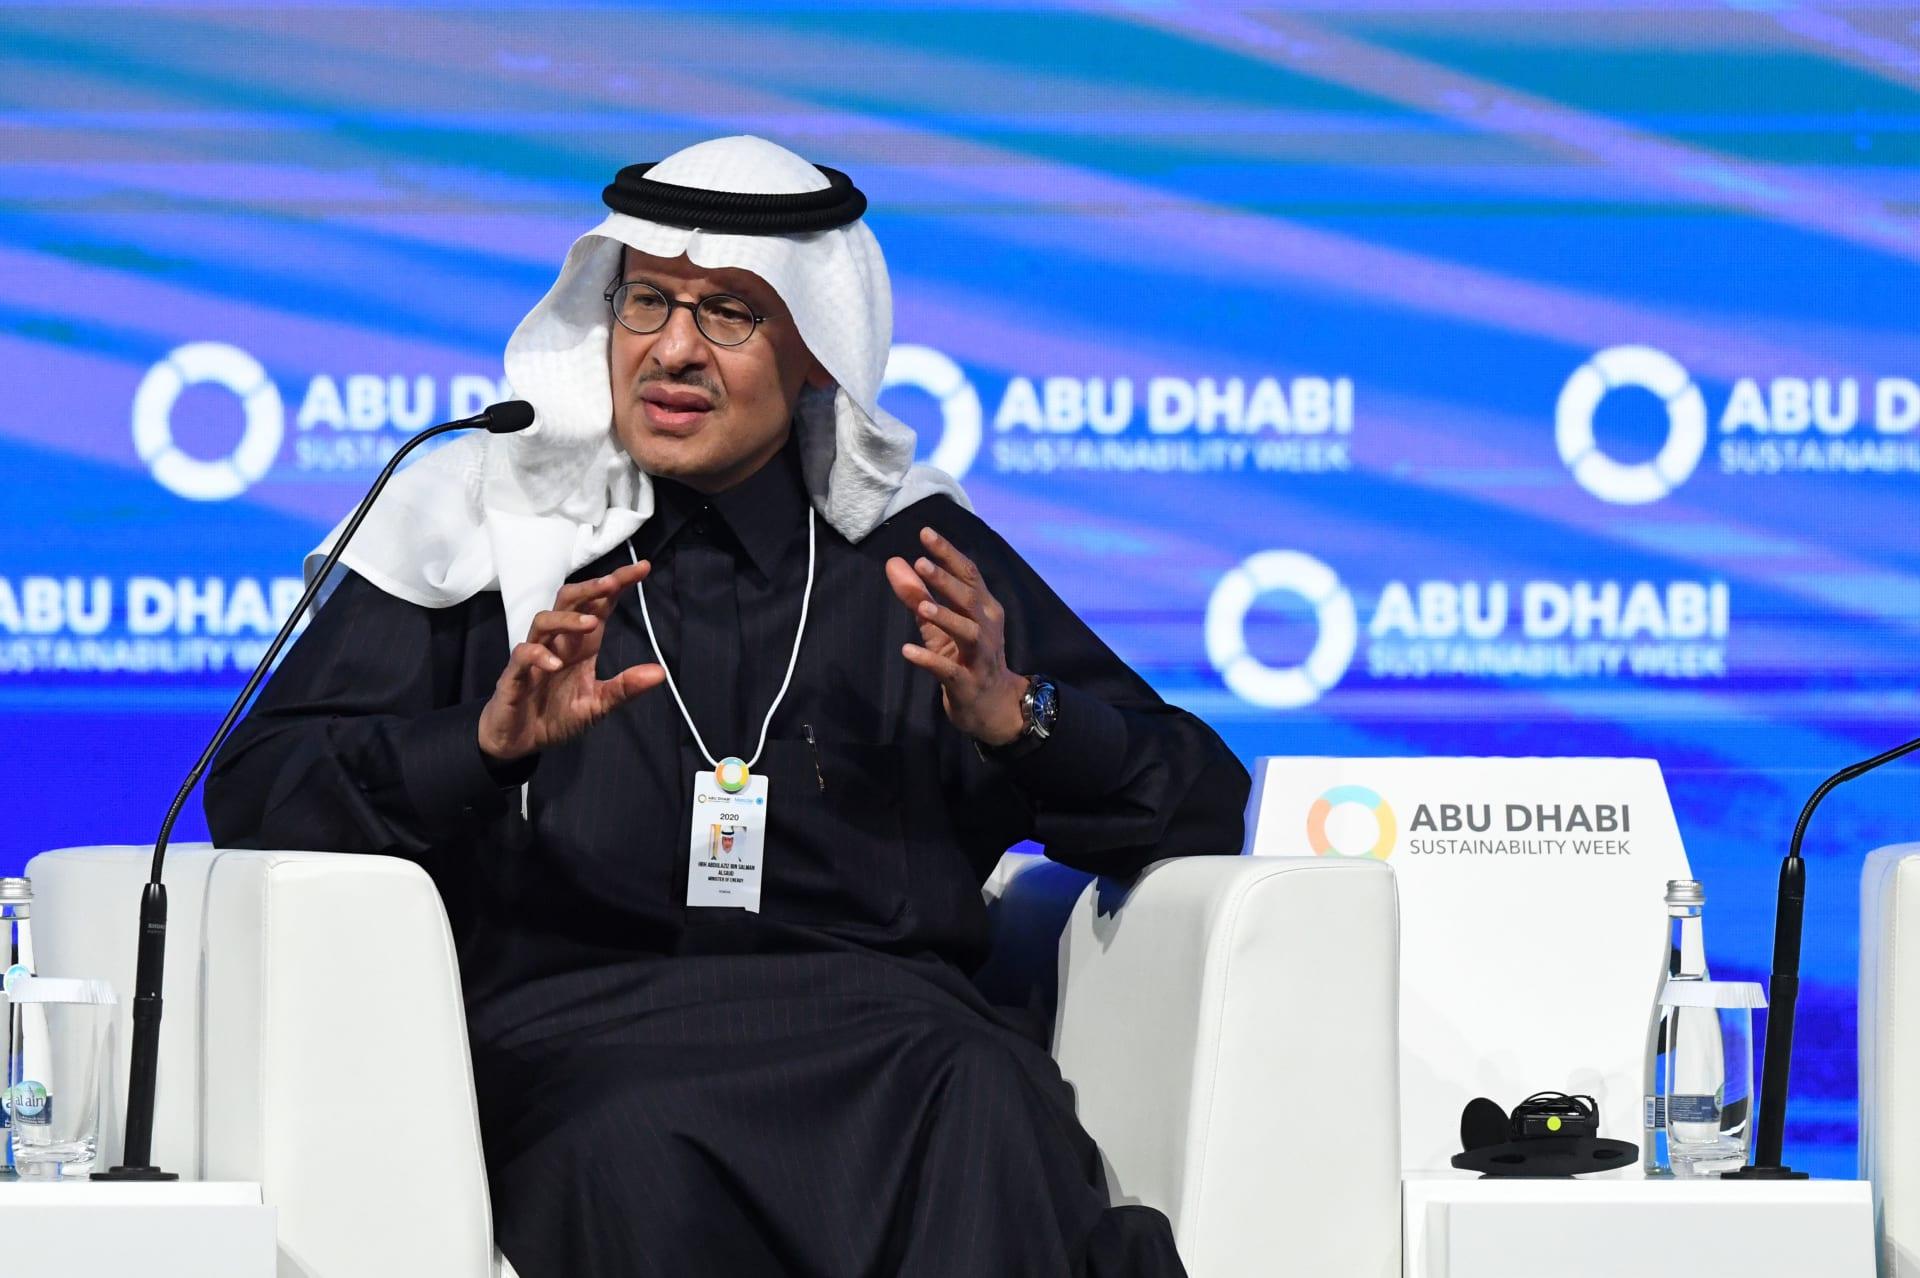 قفزة في أسعار النفط مع تمديد أوبك + خفض الإنتاج.. ووزير الطاقة السعودي يدعو للحذر